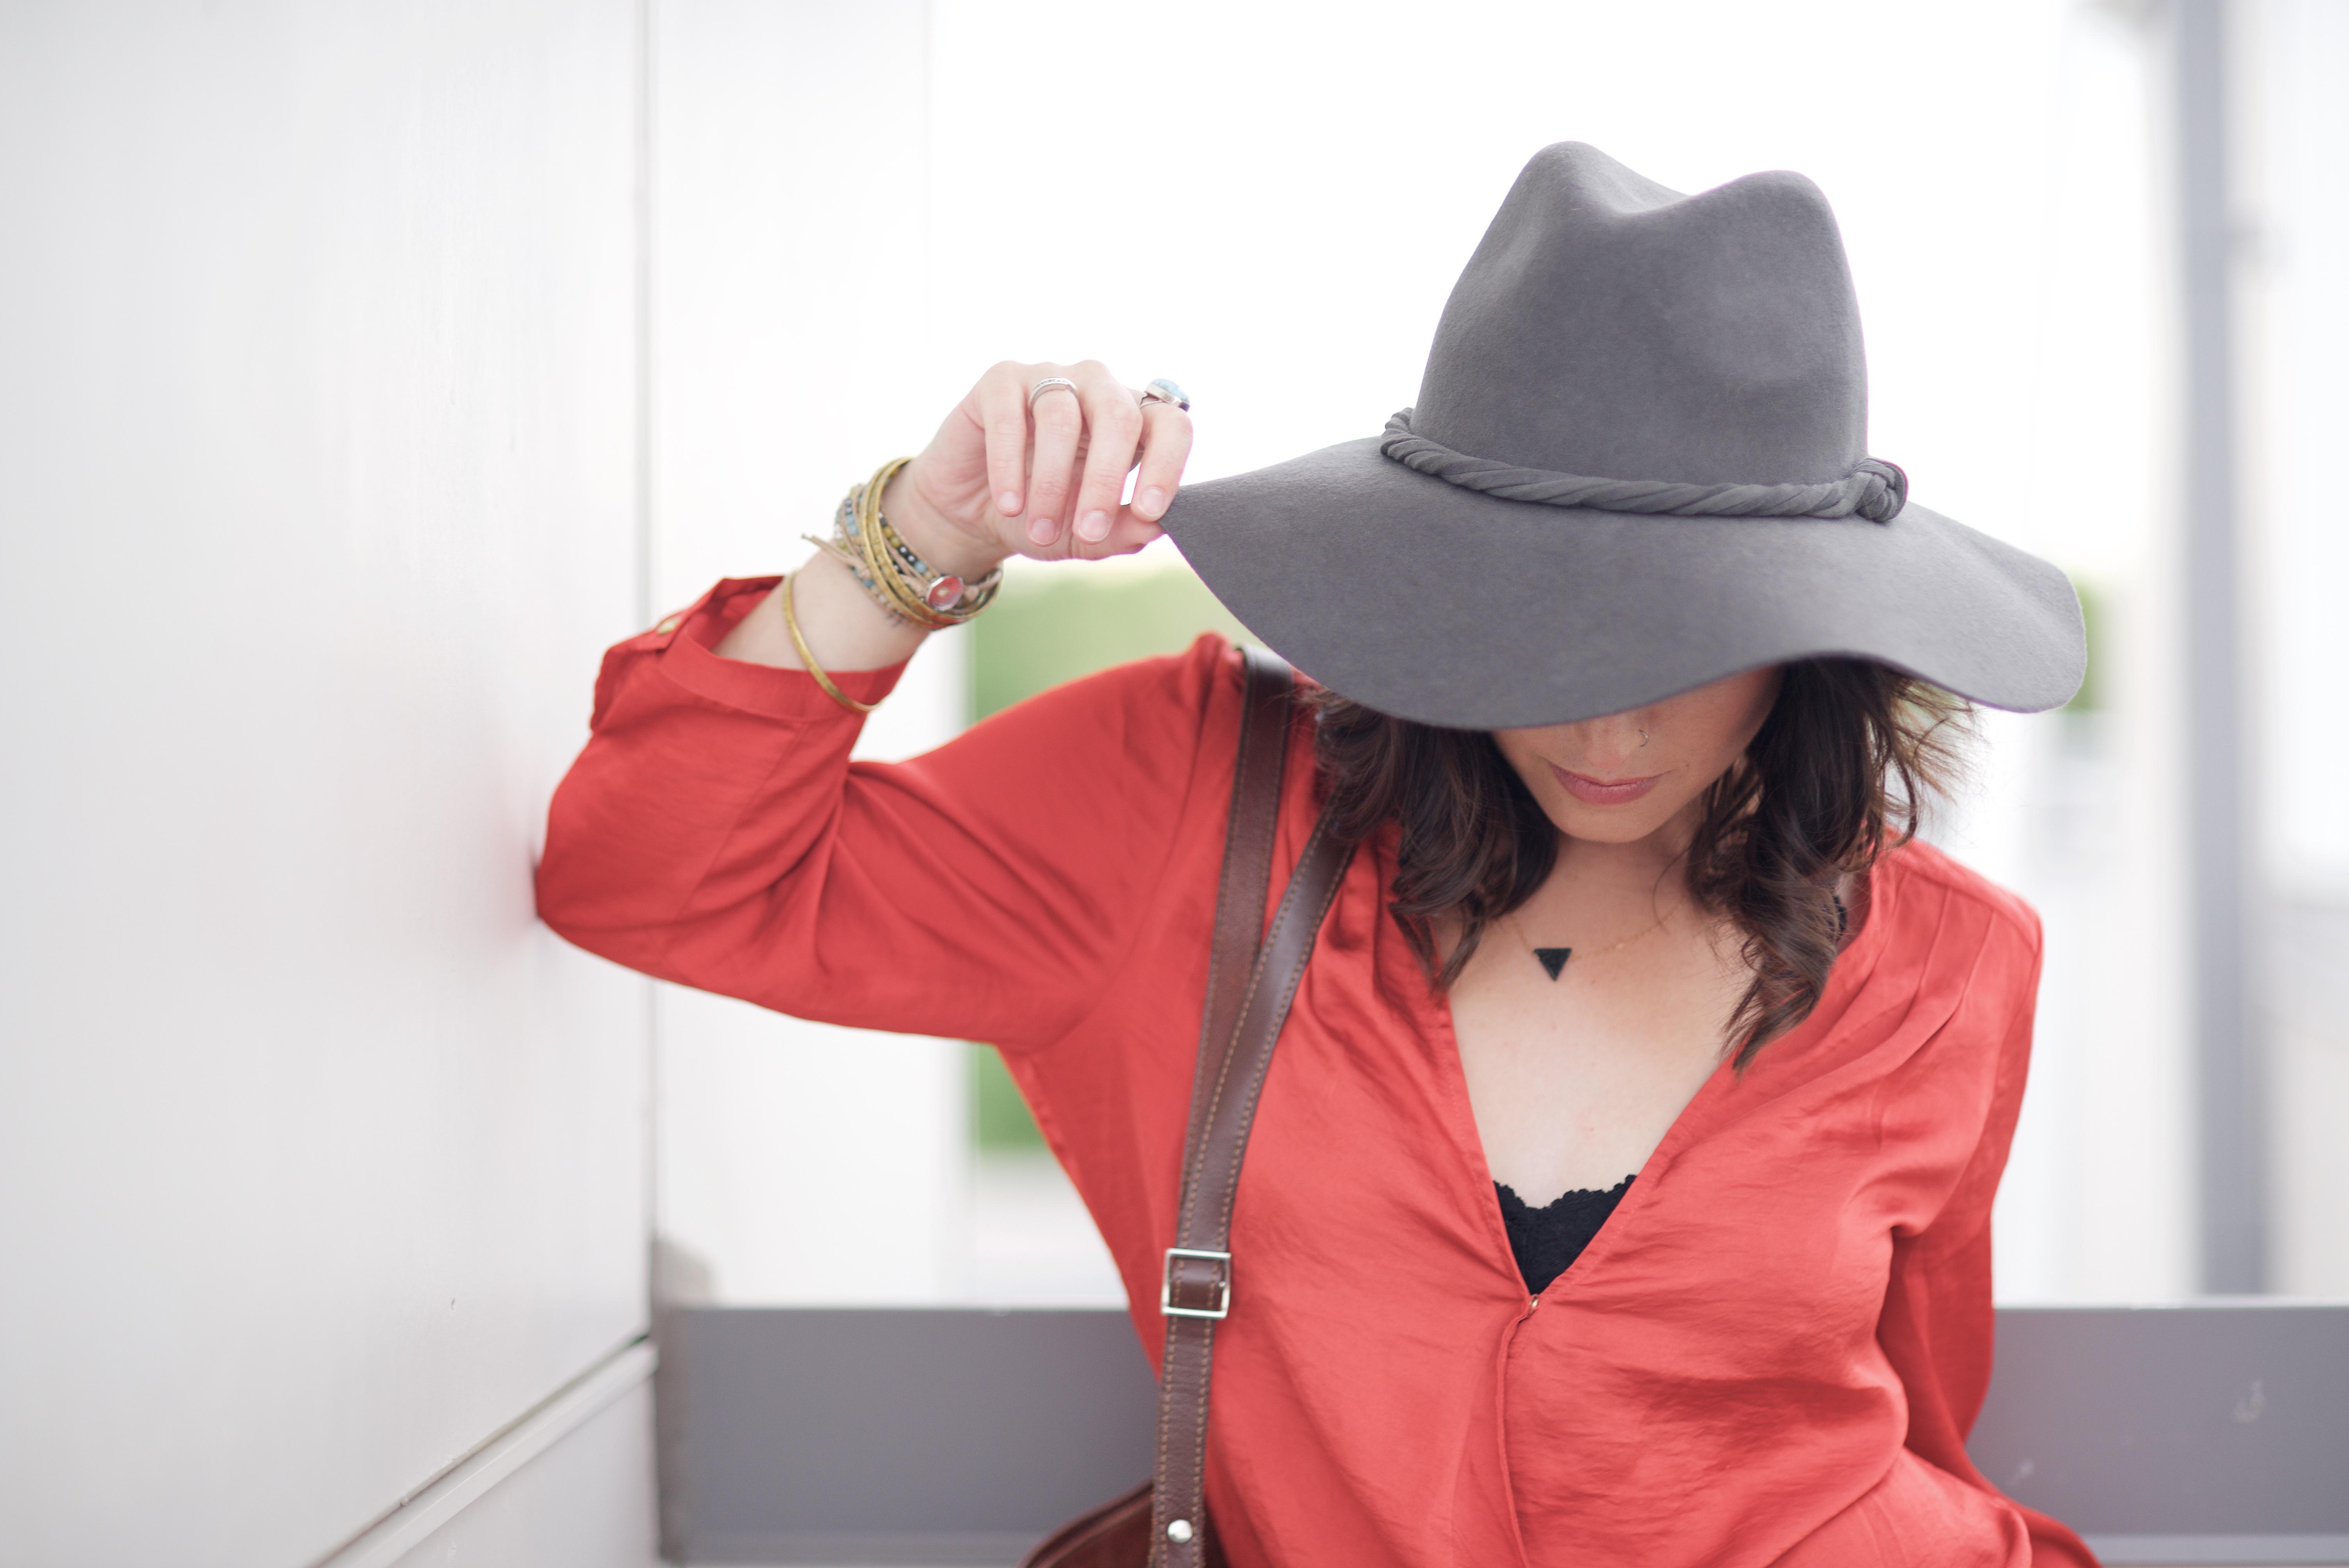 nő kalap ruházat hölgy rózsaszín fejfedő felsőruházat nyaklánc karkötő  sapka fedora divatos kiegészítő 779405142b